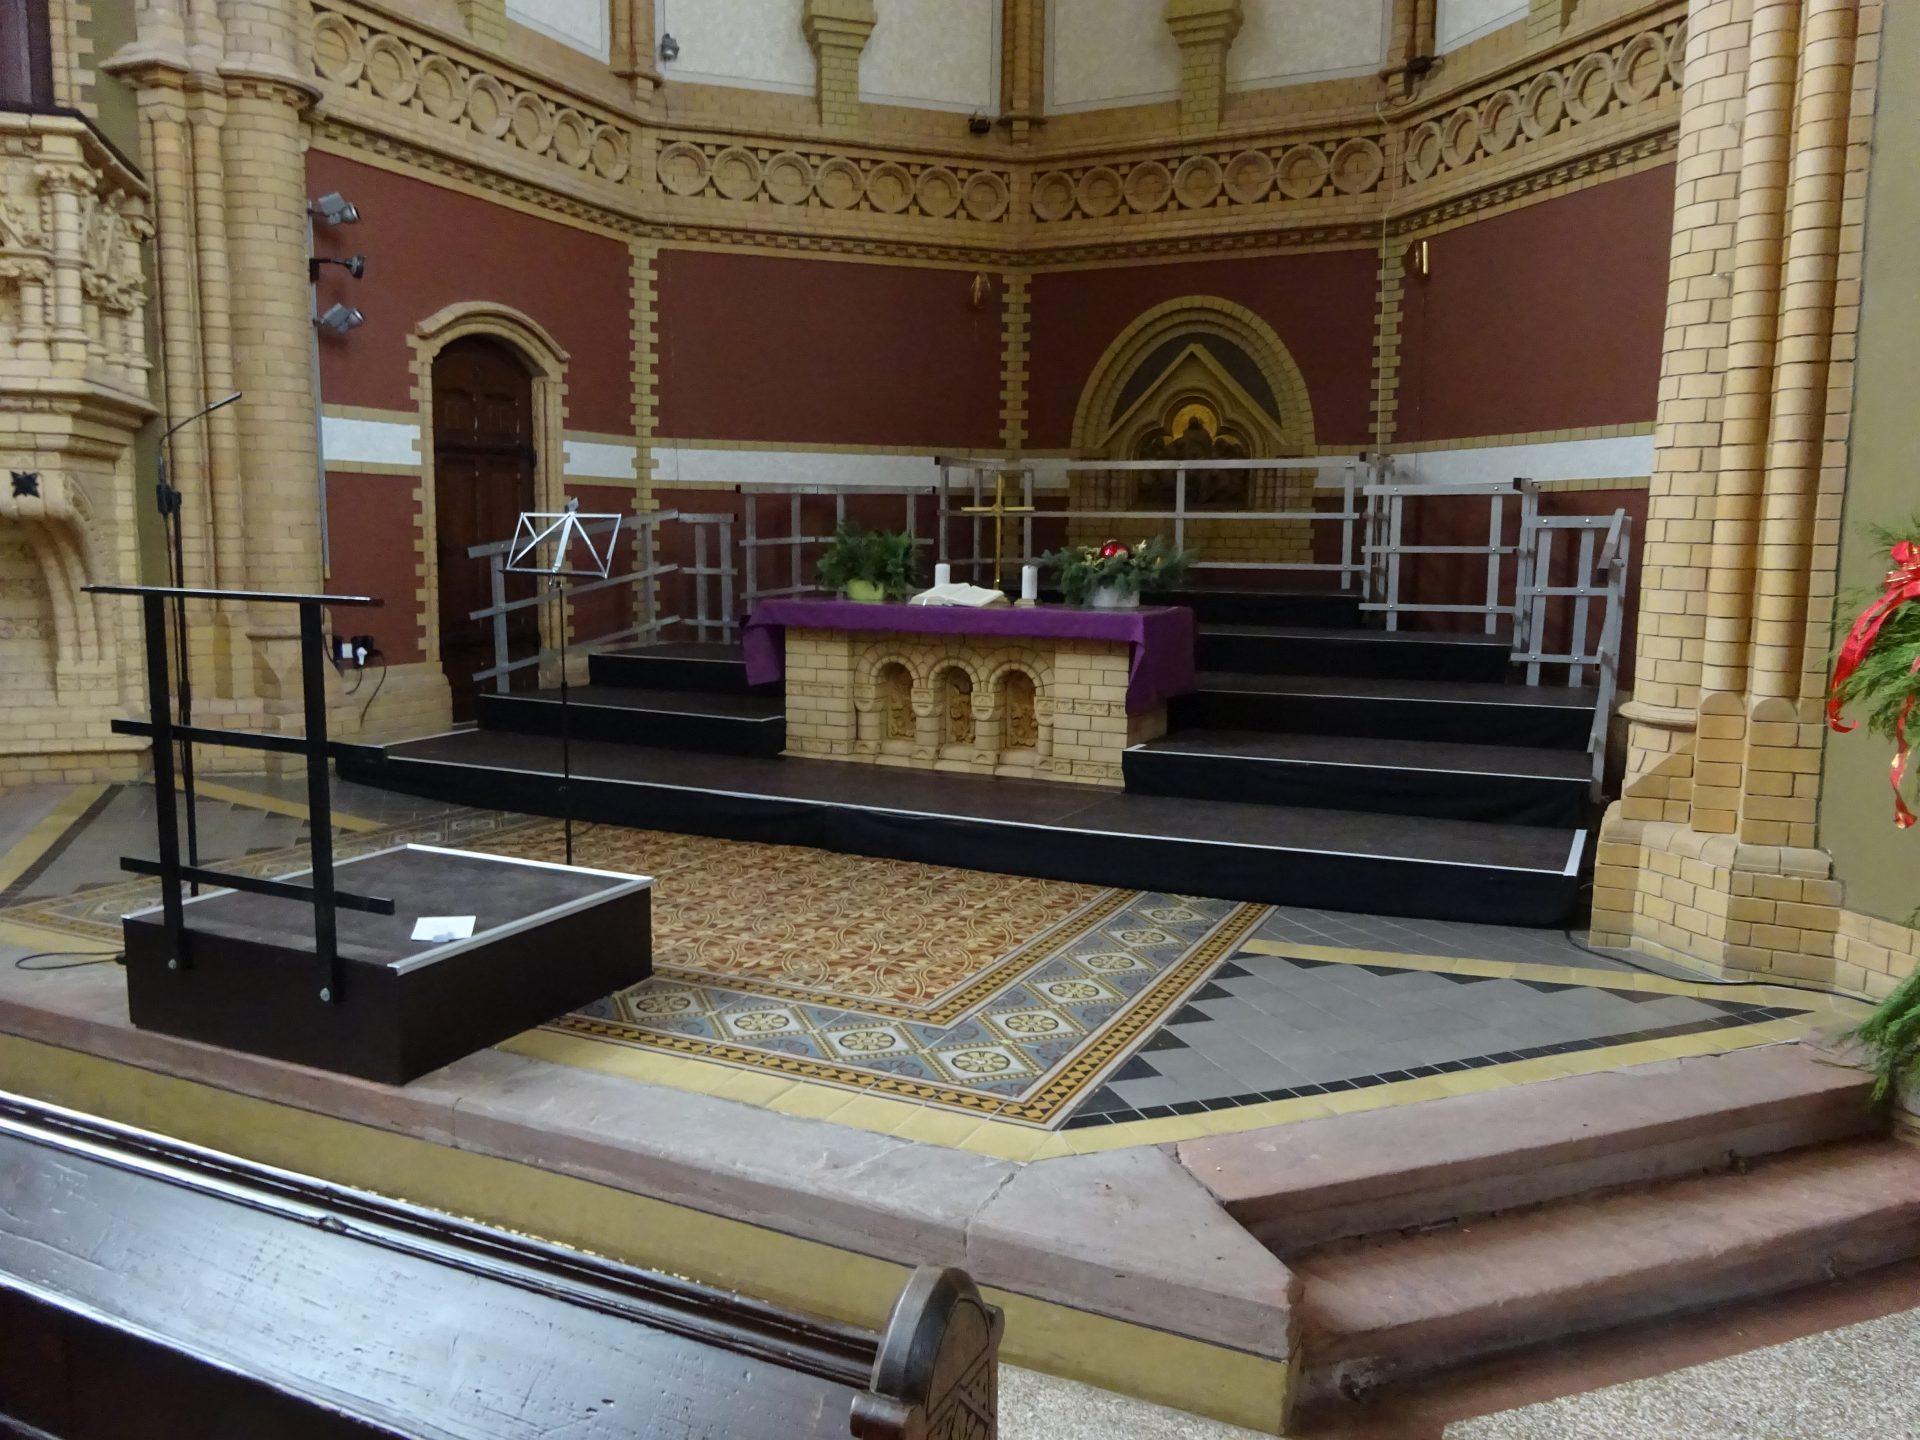 Chorpodest mit Dirigentenpodest an Altar angepasst